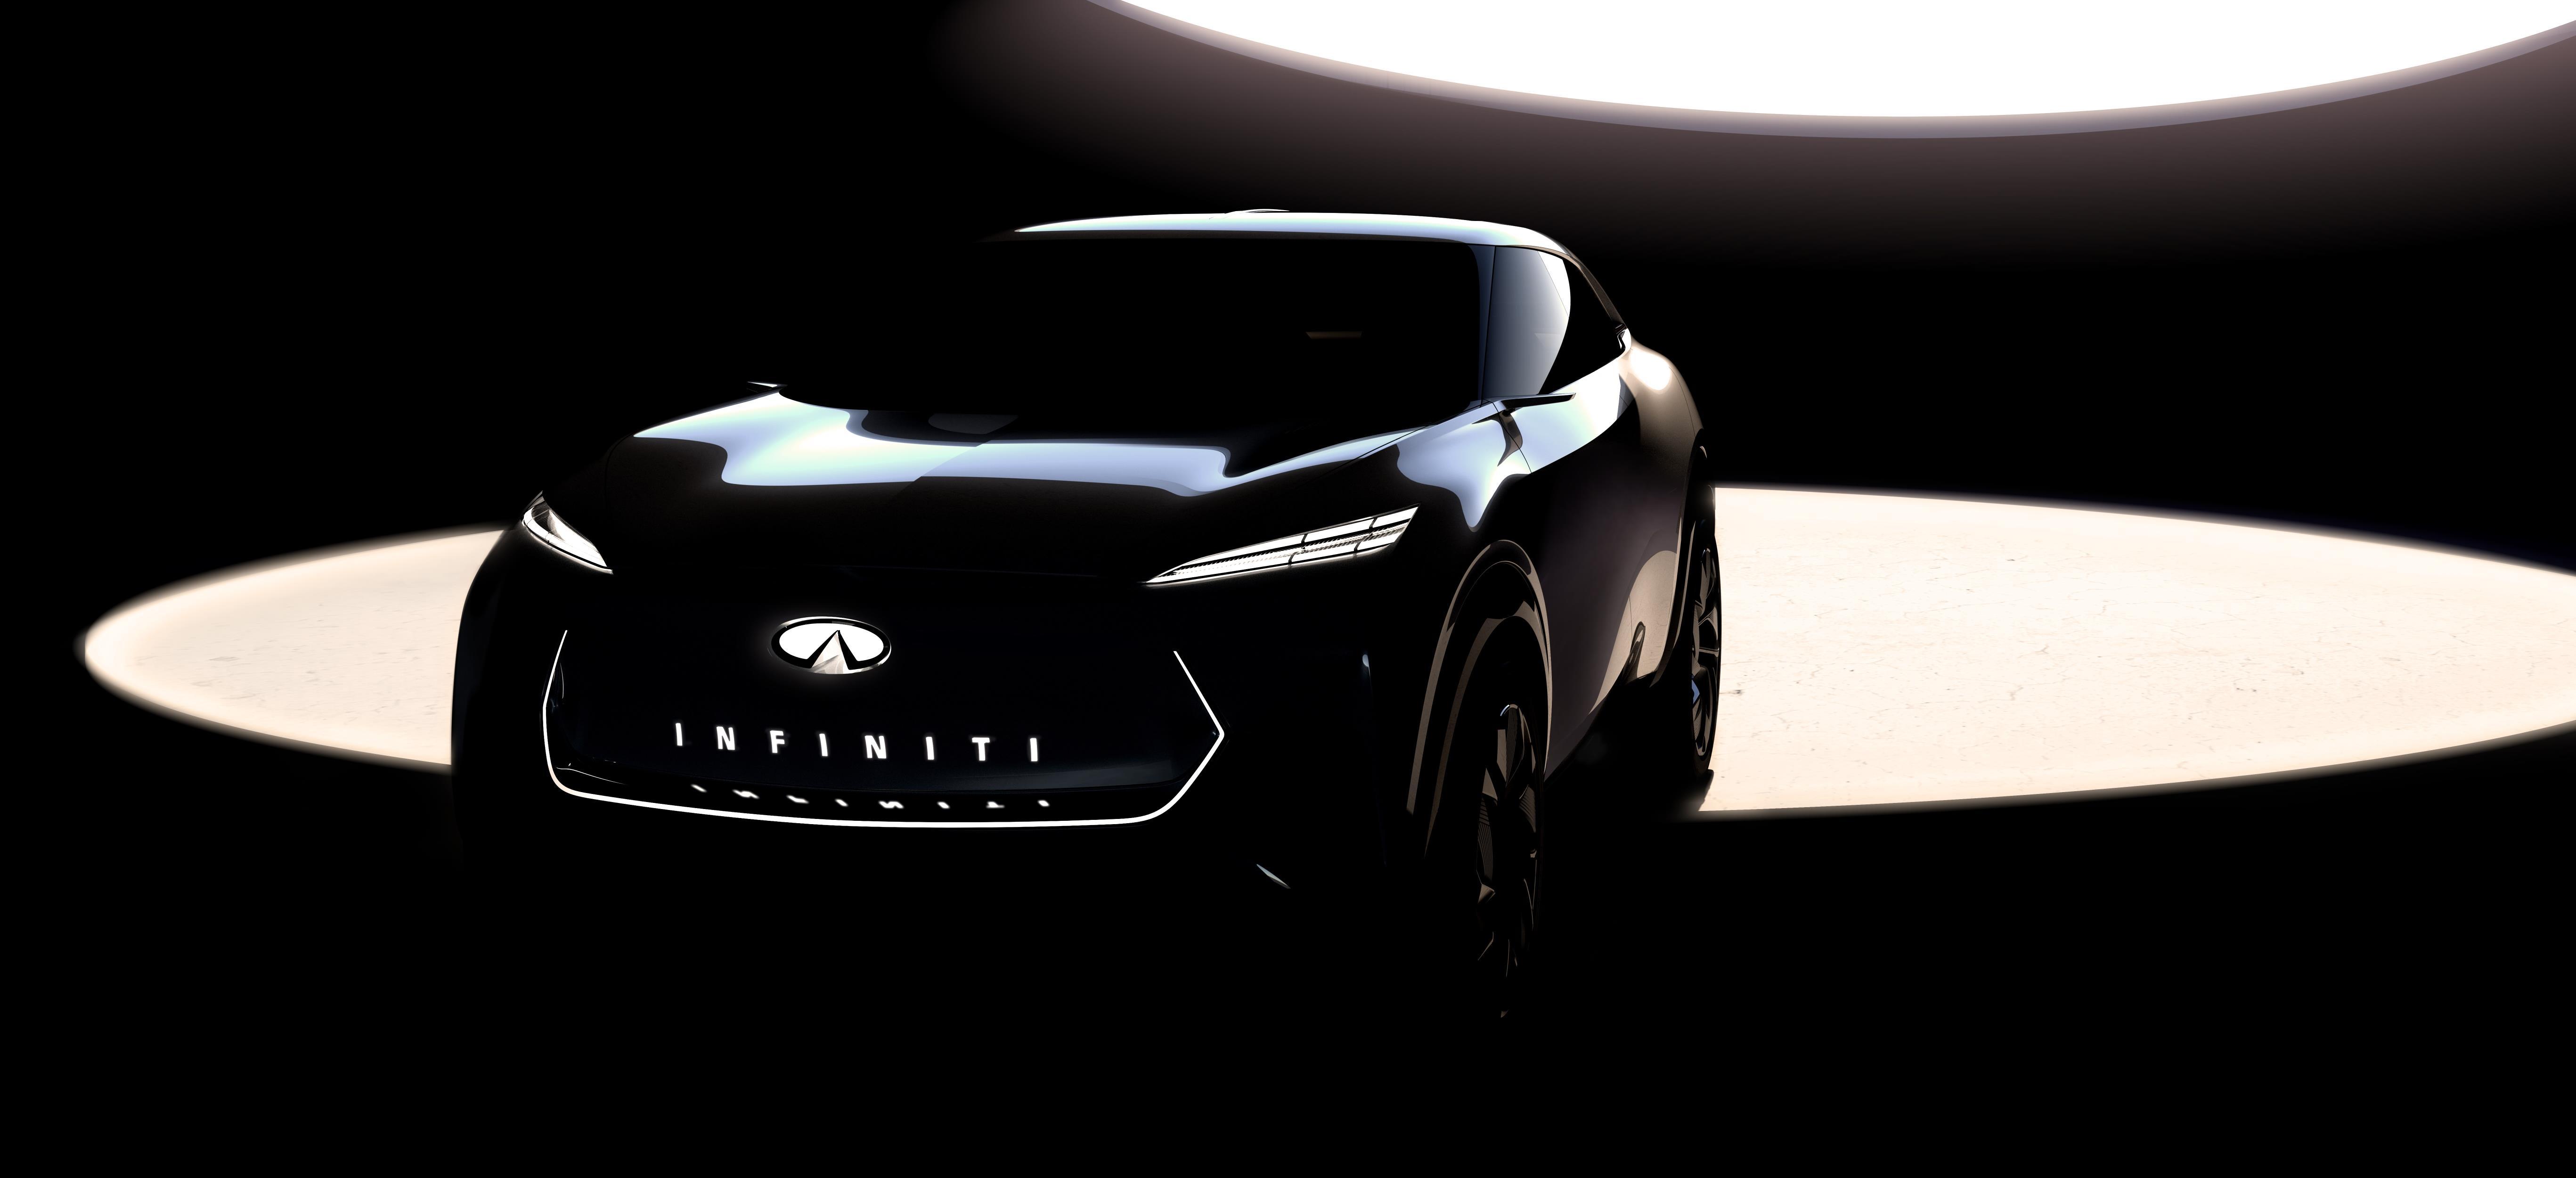 INFINITI presentará en Detroit nueva Paltaforma de vehículo eléctrico y un SUV